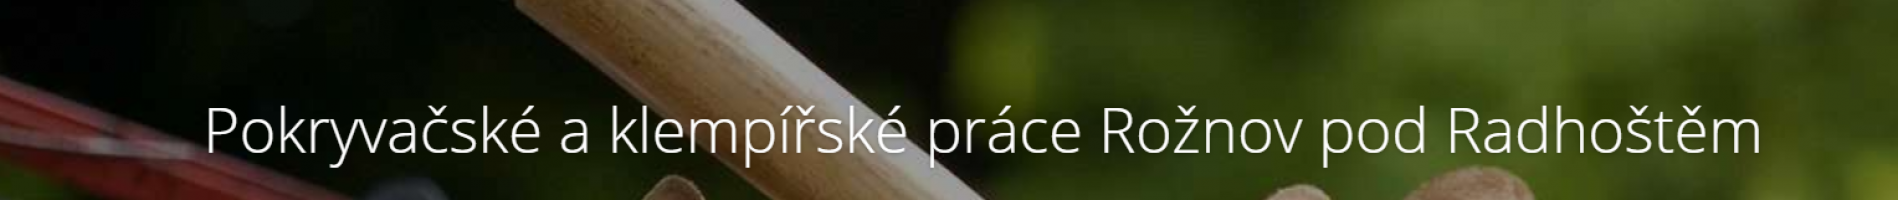 Logo firmy: Petr Mičkal - pokrývačské a klempířské práce